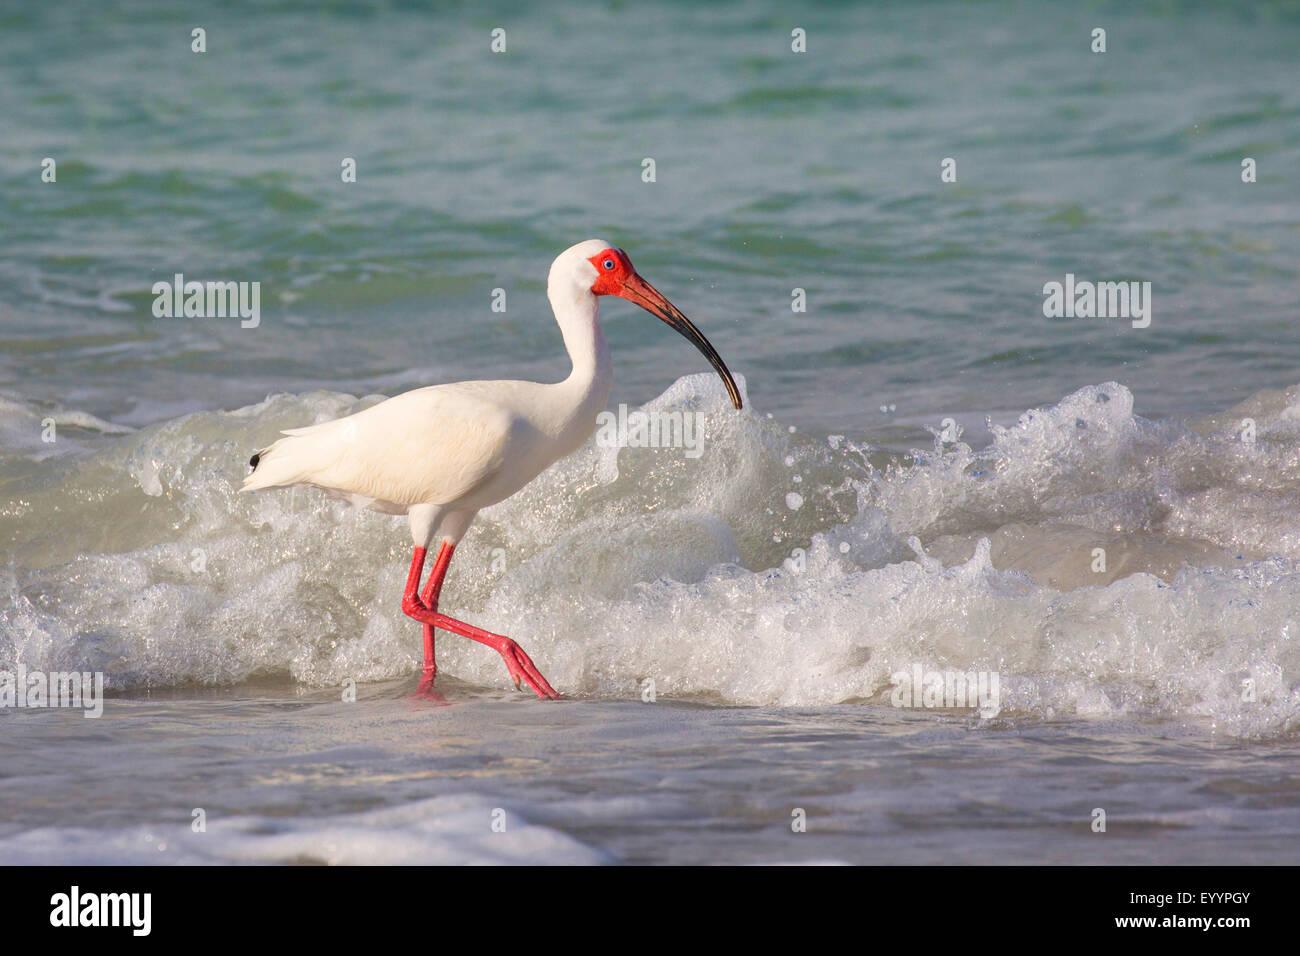 weißer Ibis (Eudocimus Albus), Suche nach Nahrung in der Drift-Linie vor dem brechen der Wellen, Tampa, Florida, Stockbild